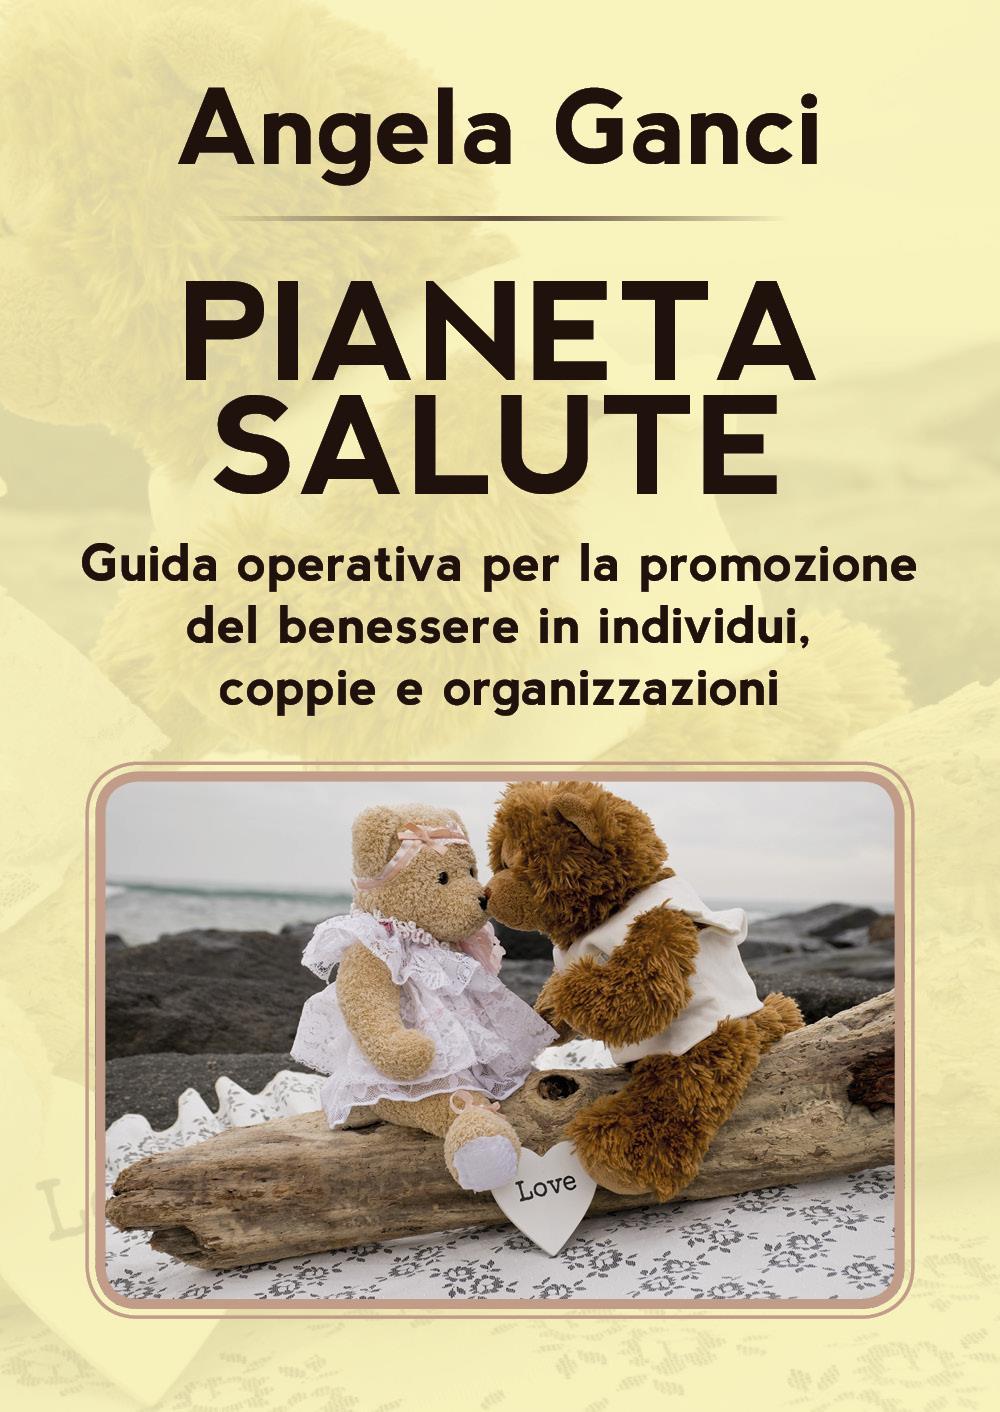 PIANETA SALUTE.  Guida operativa per la promozione del benessere in individui, coppie e organizzazioni